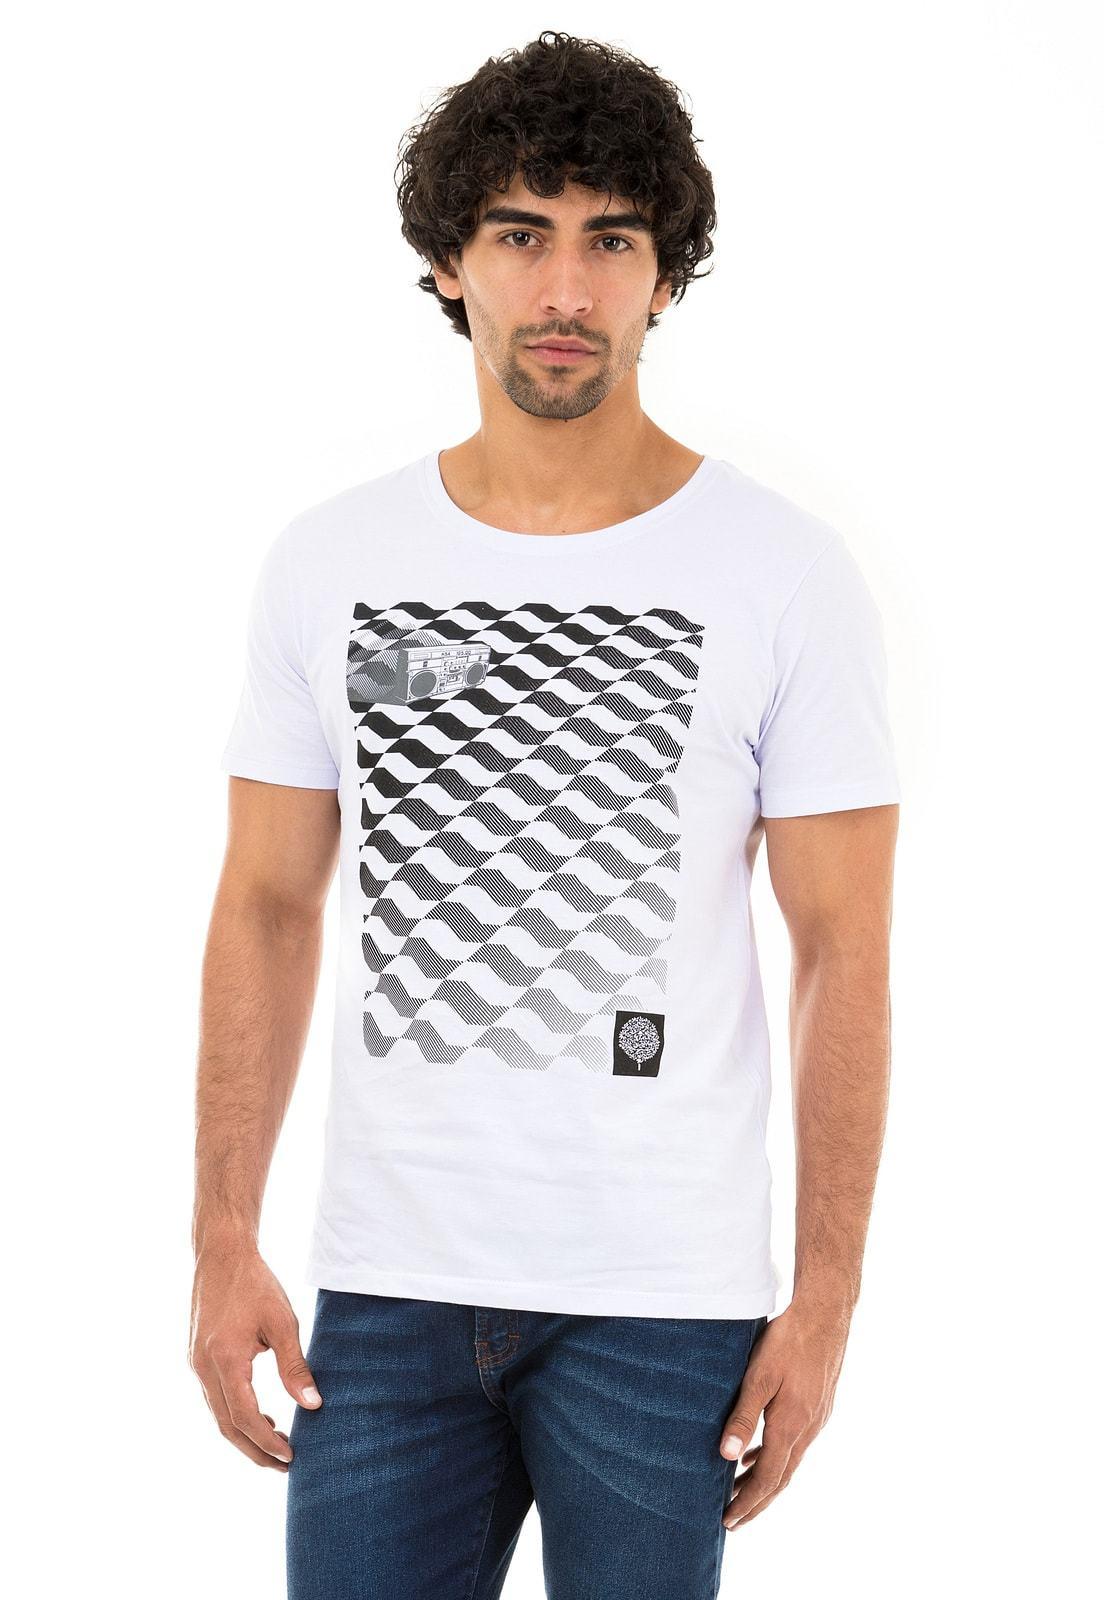 Camiseta SP Sounds KSA da árvore